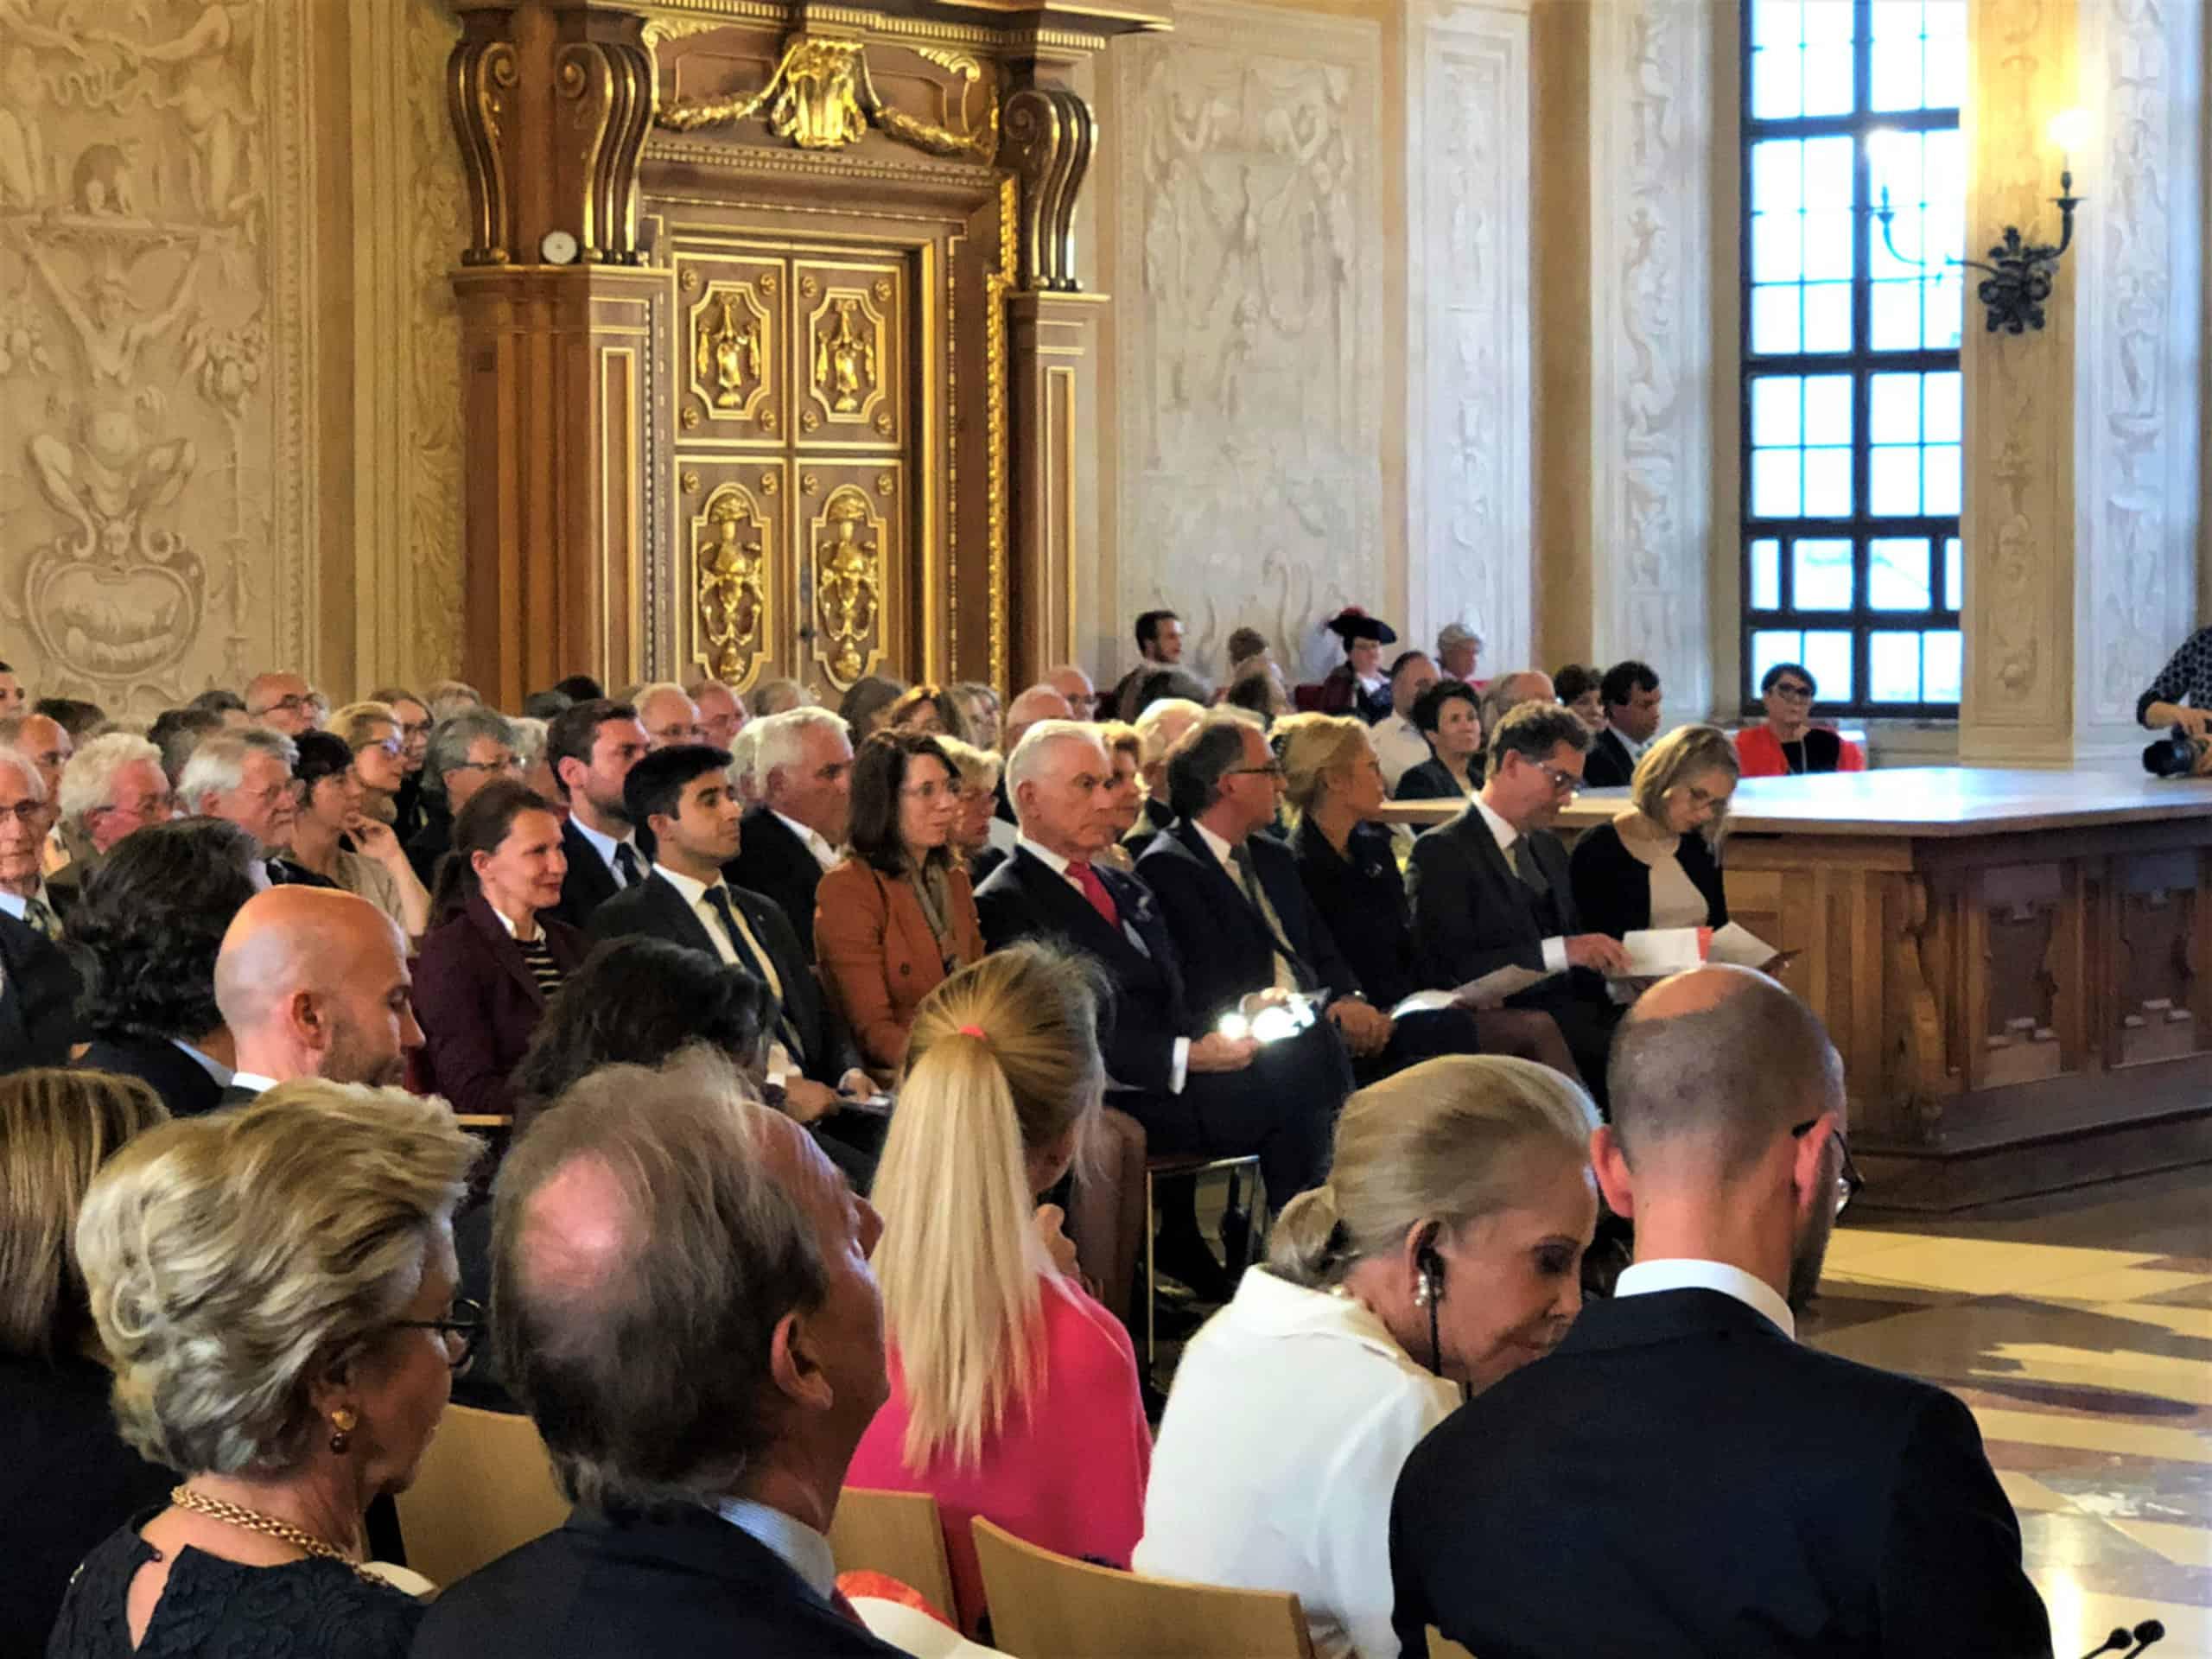 Ceremony audience 1